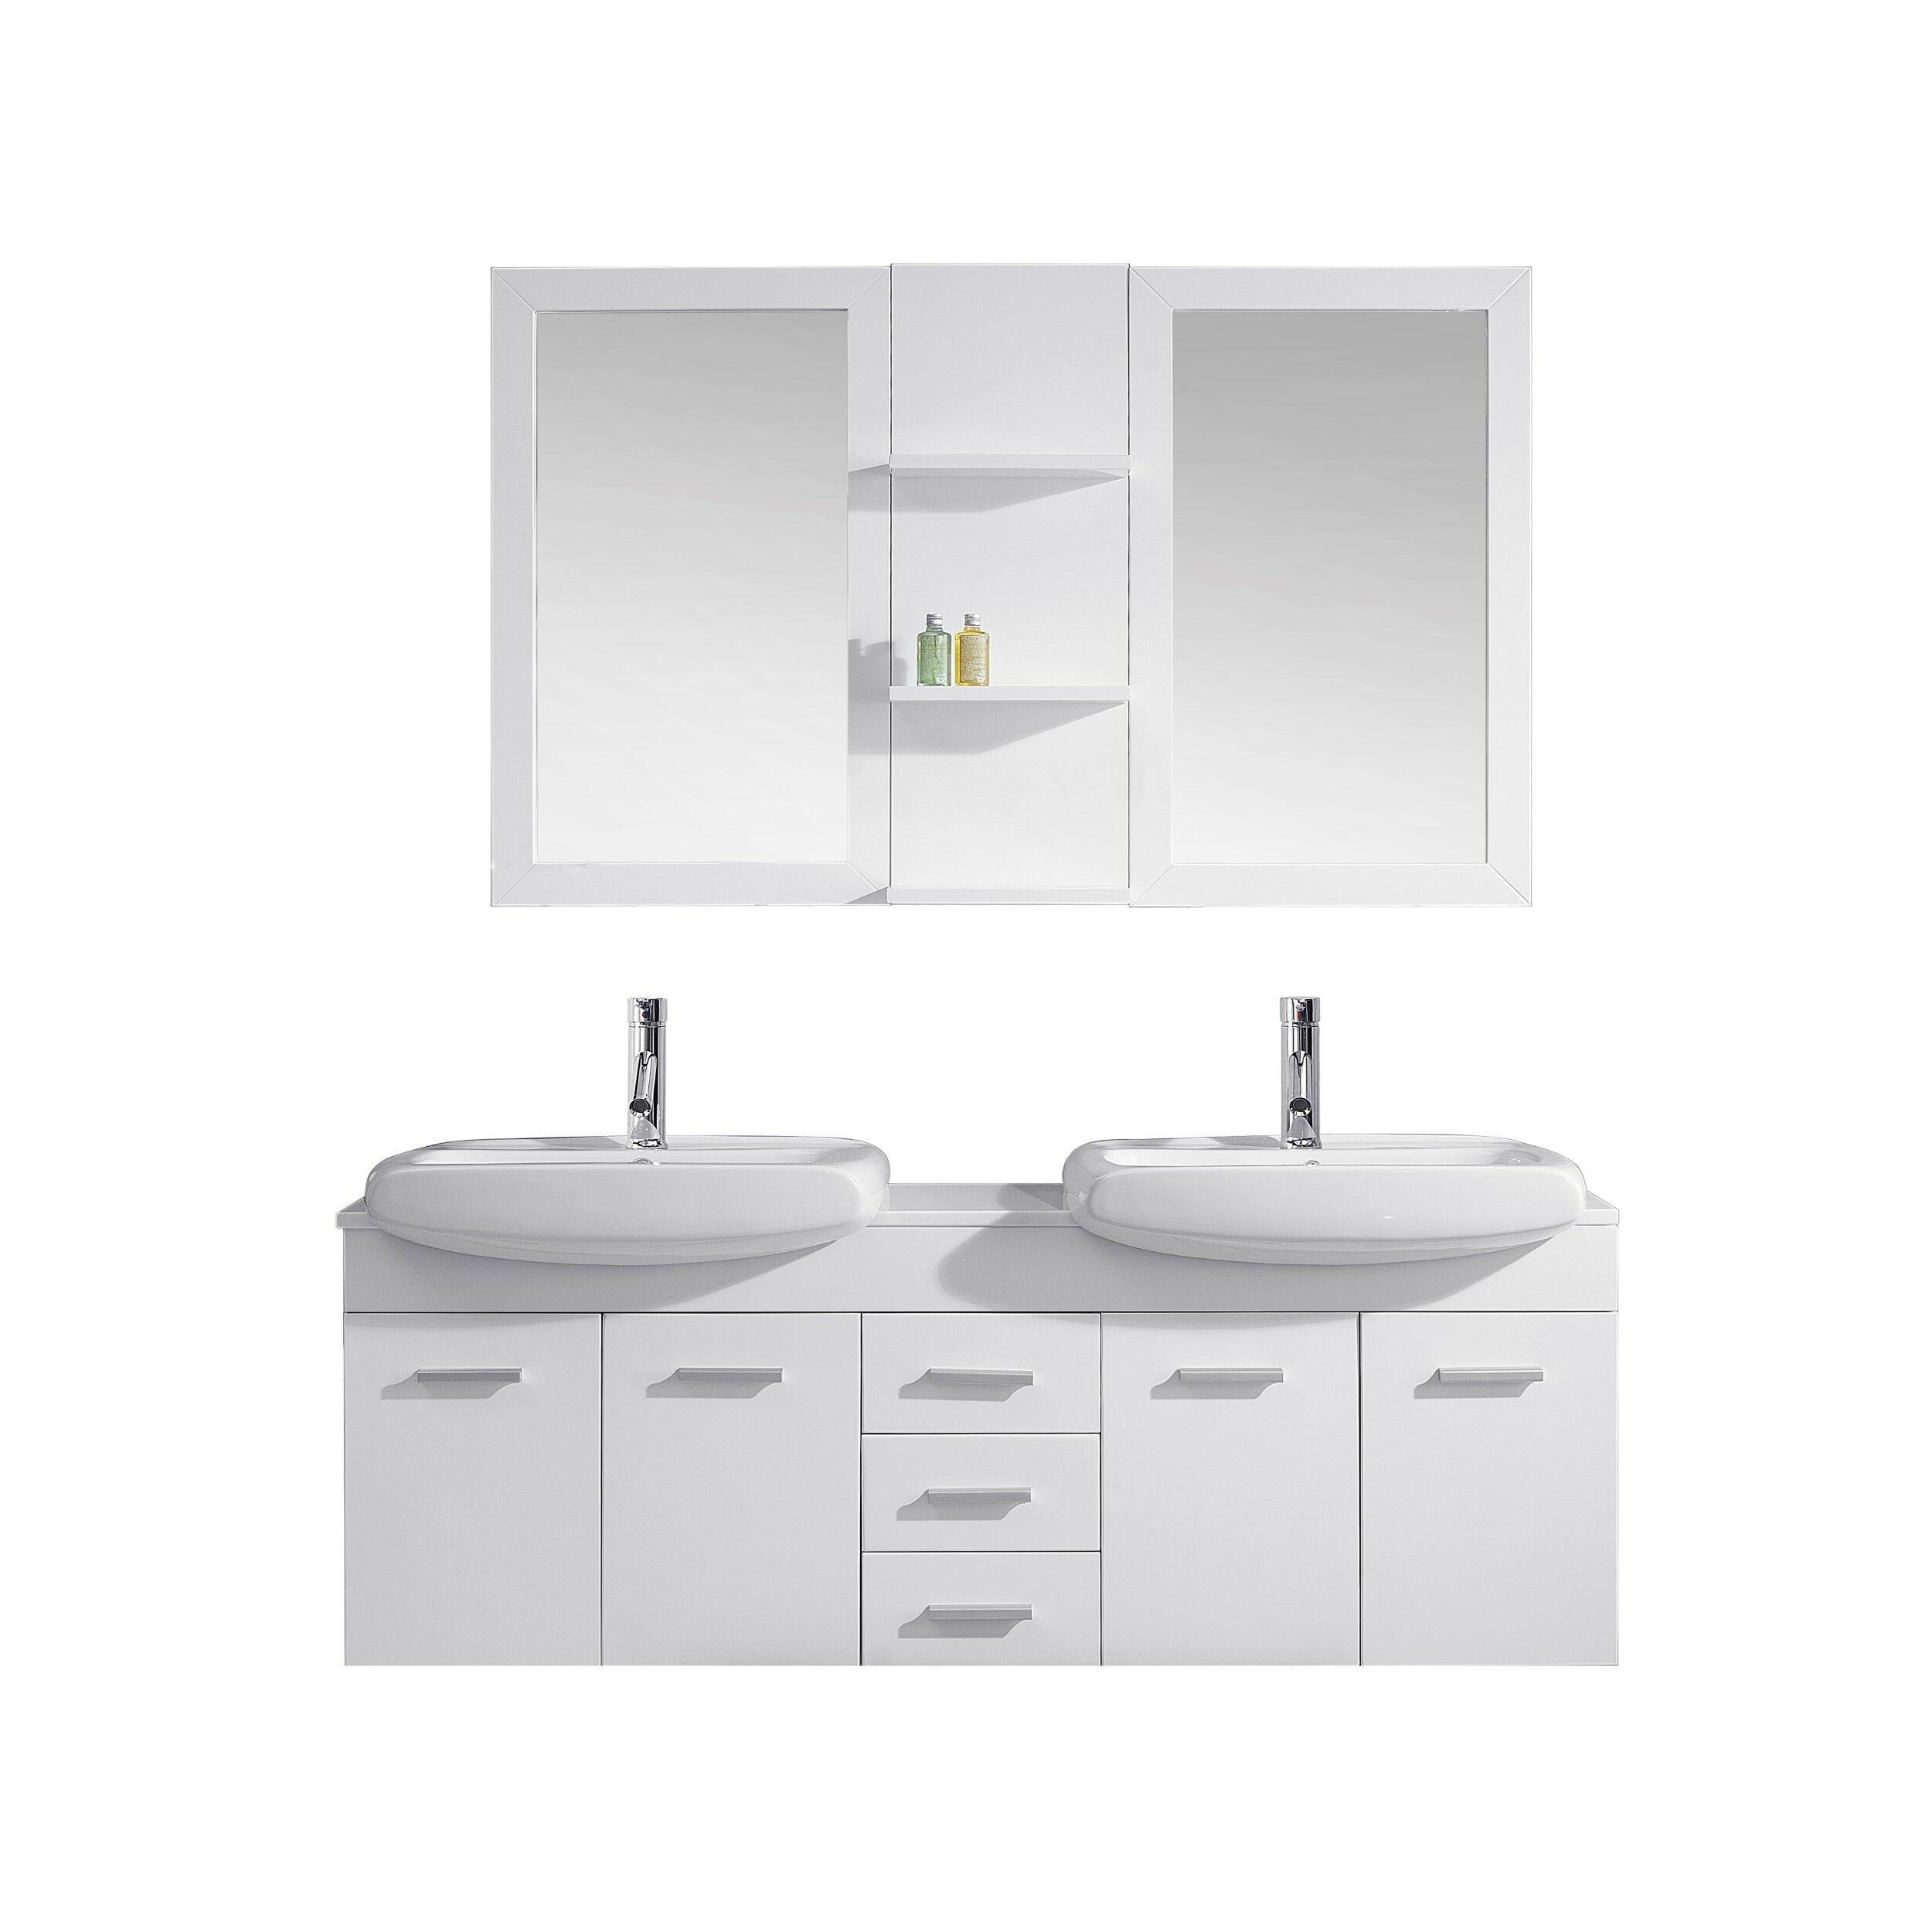 Virtu Ultra Modern Series 59 Double Bathroom Vanity Set